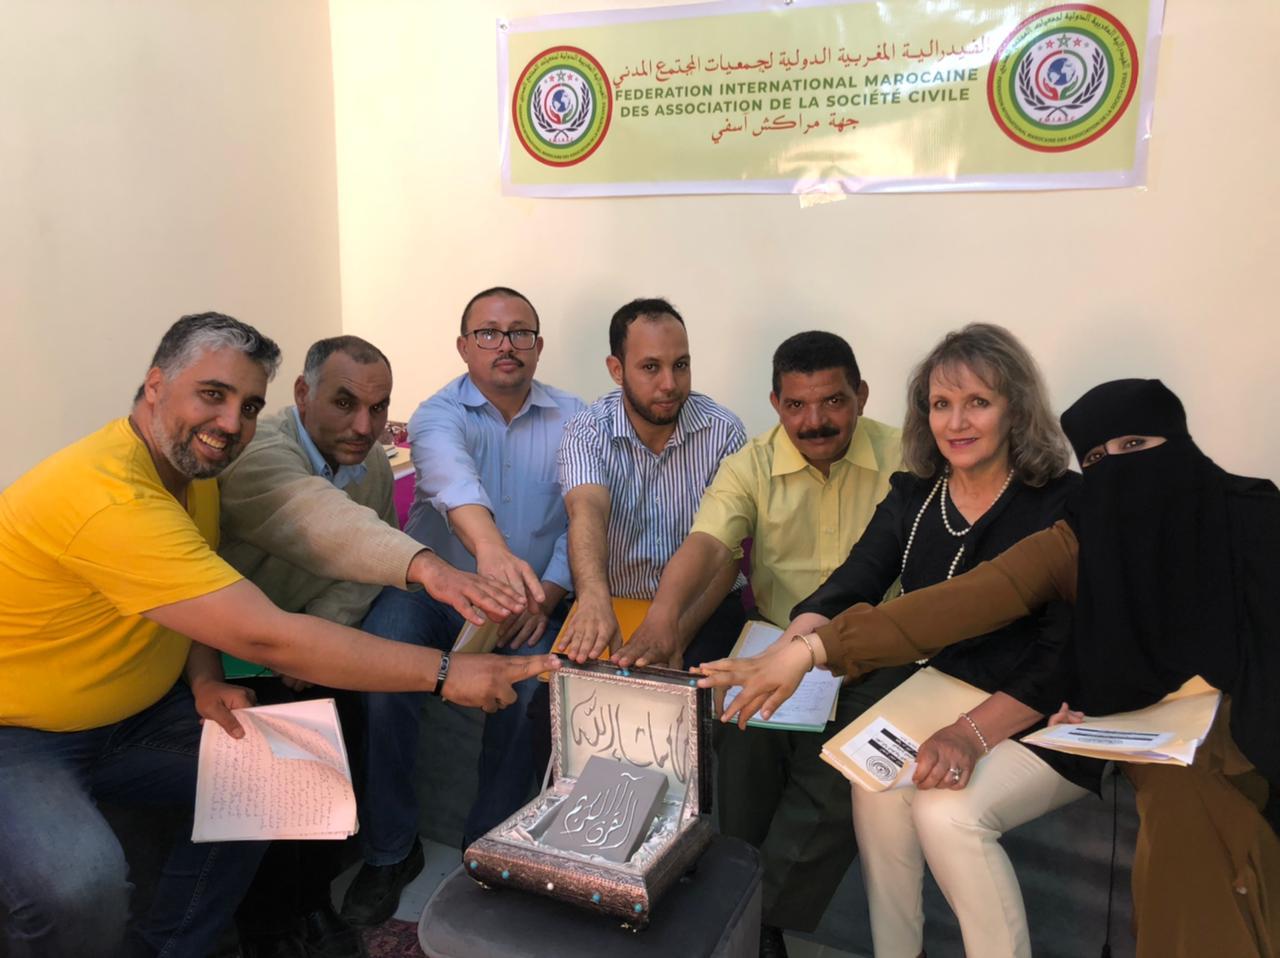 الفدرالية المغربية الدولية لجمعيات المجتمع المدني تعقد مؤتمرها الجهوي الأول للفيدرالية بجهة مراكش أسفي.